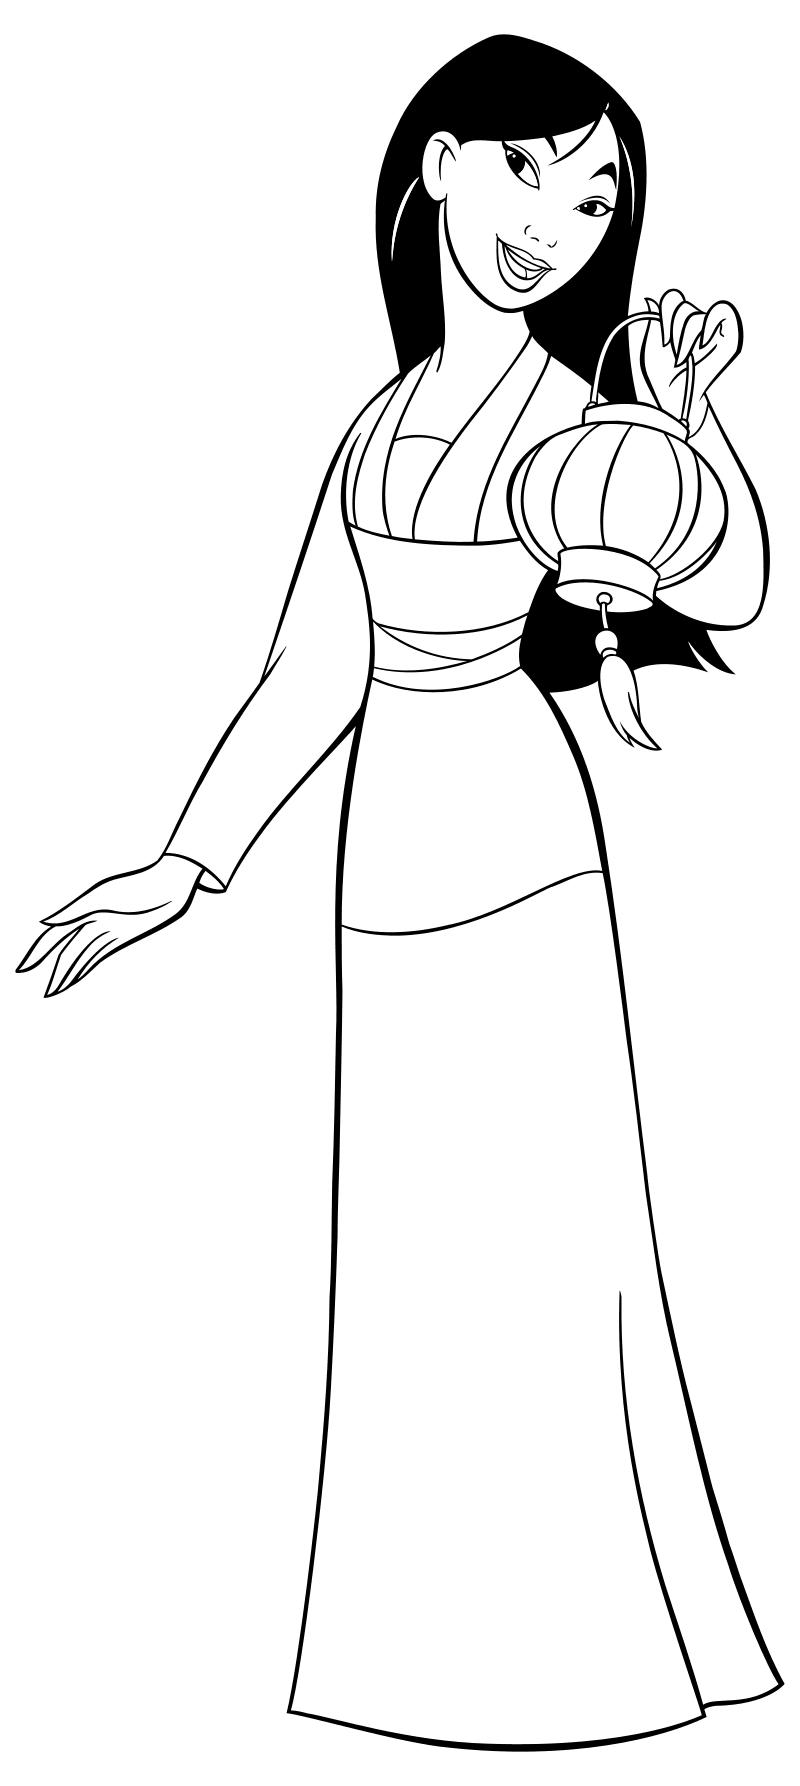 Раскраска - Принцессы Диснея - Мулан с фонарём | MirChild